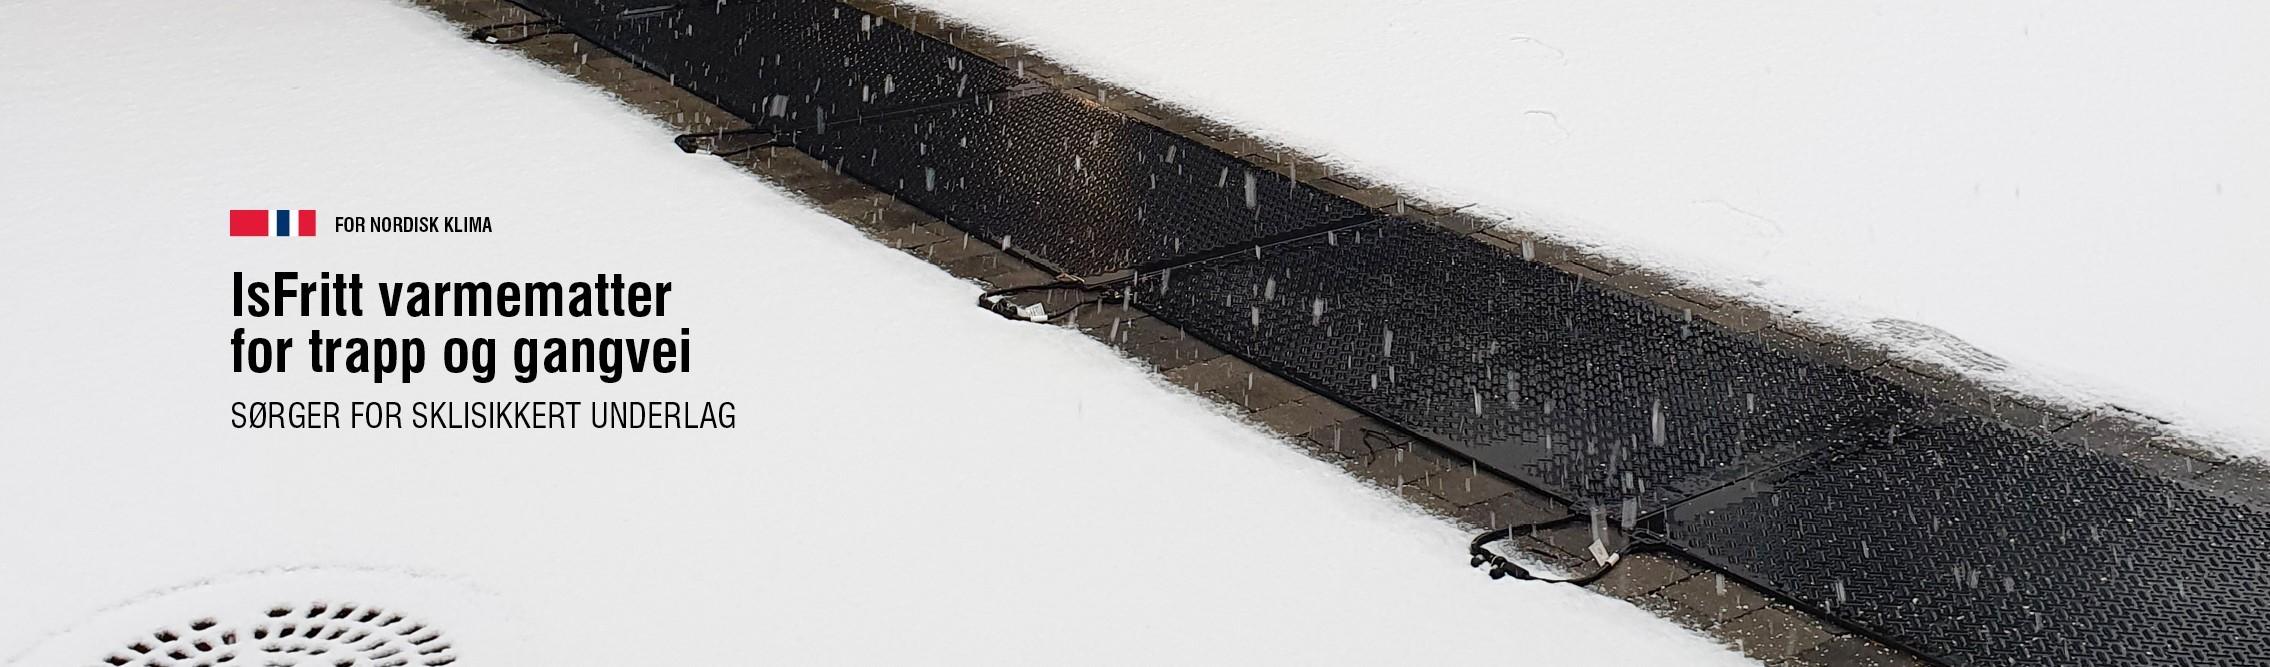 Isfritt varmematter smelter effektivt is og snø